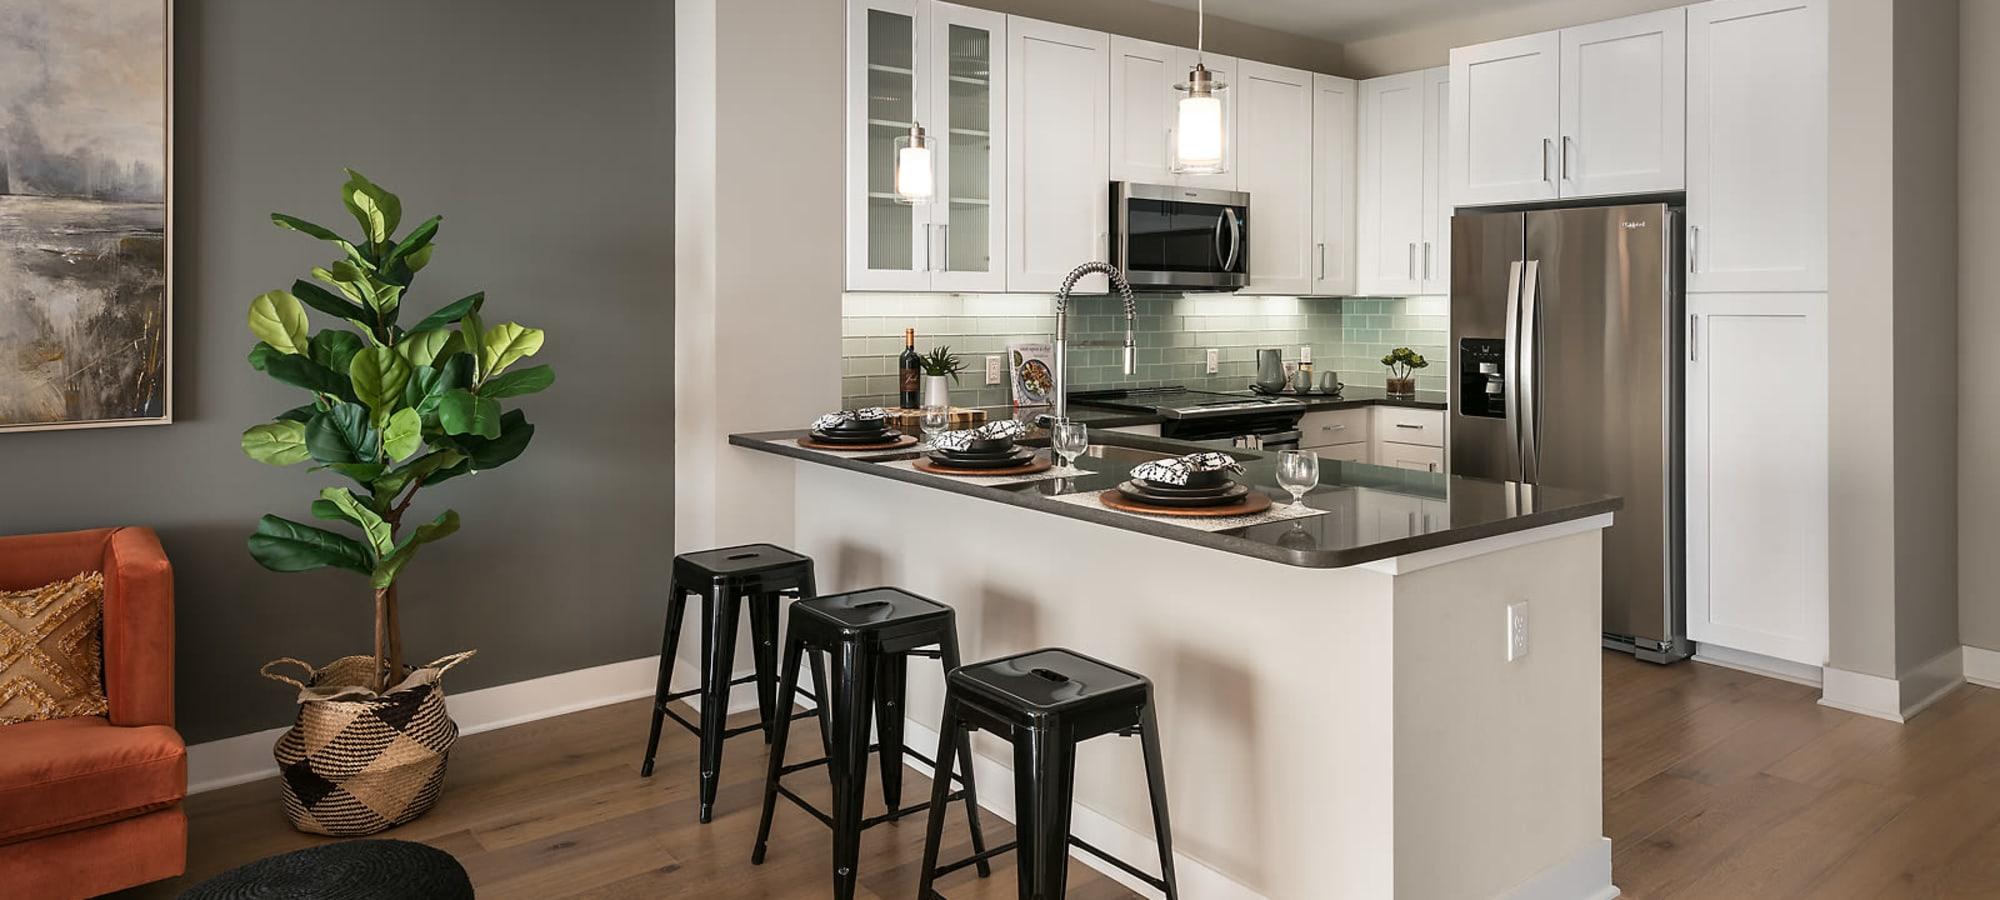 Kitchen island at The Halsten at Chauncey Lane in Scottsdale, Arizona